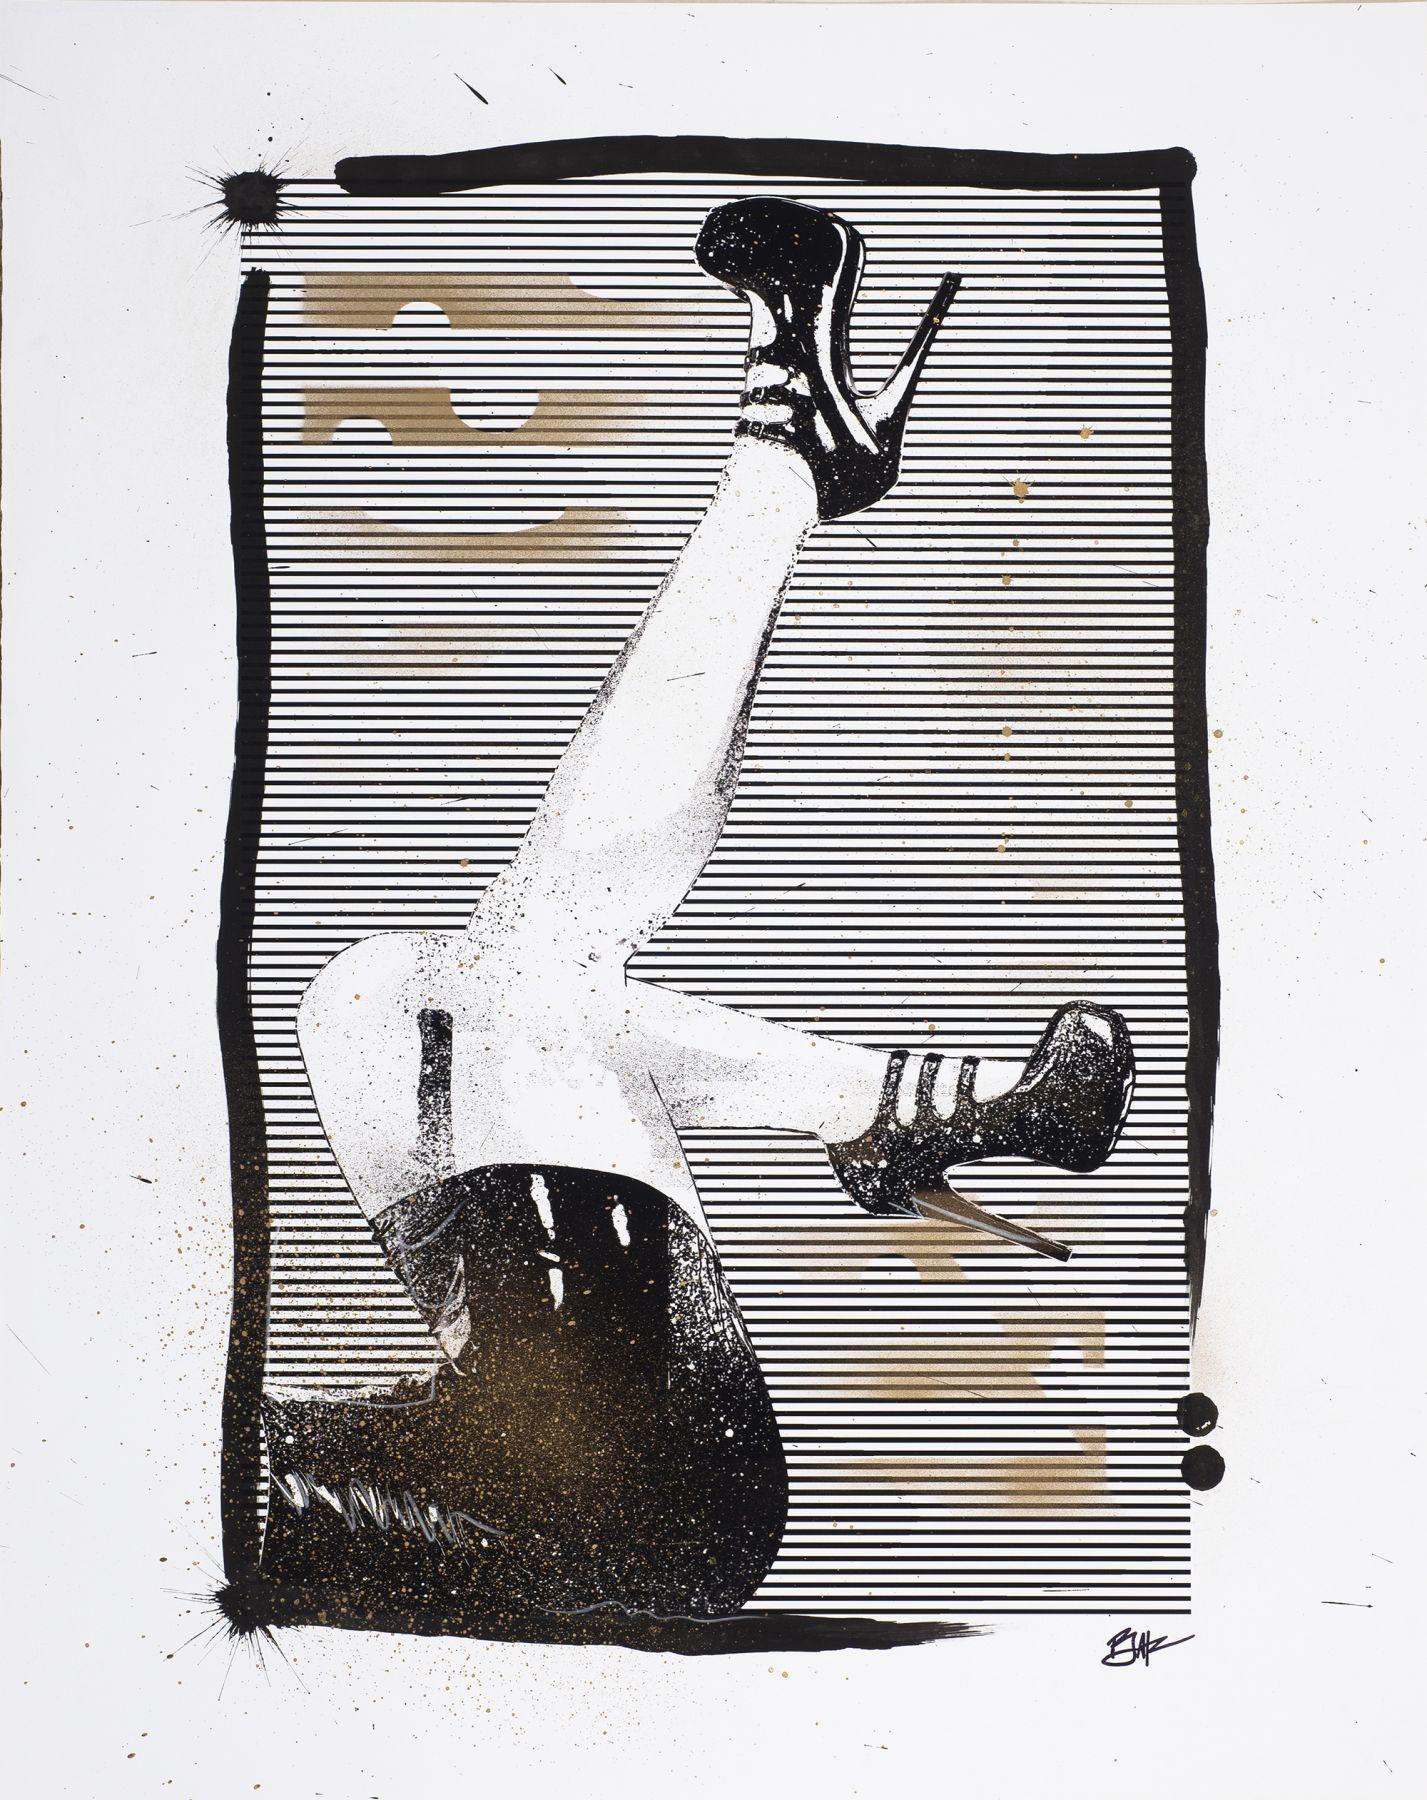 Untitled by Tobias Batz